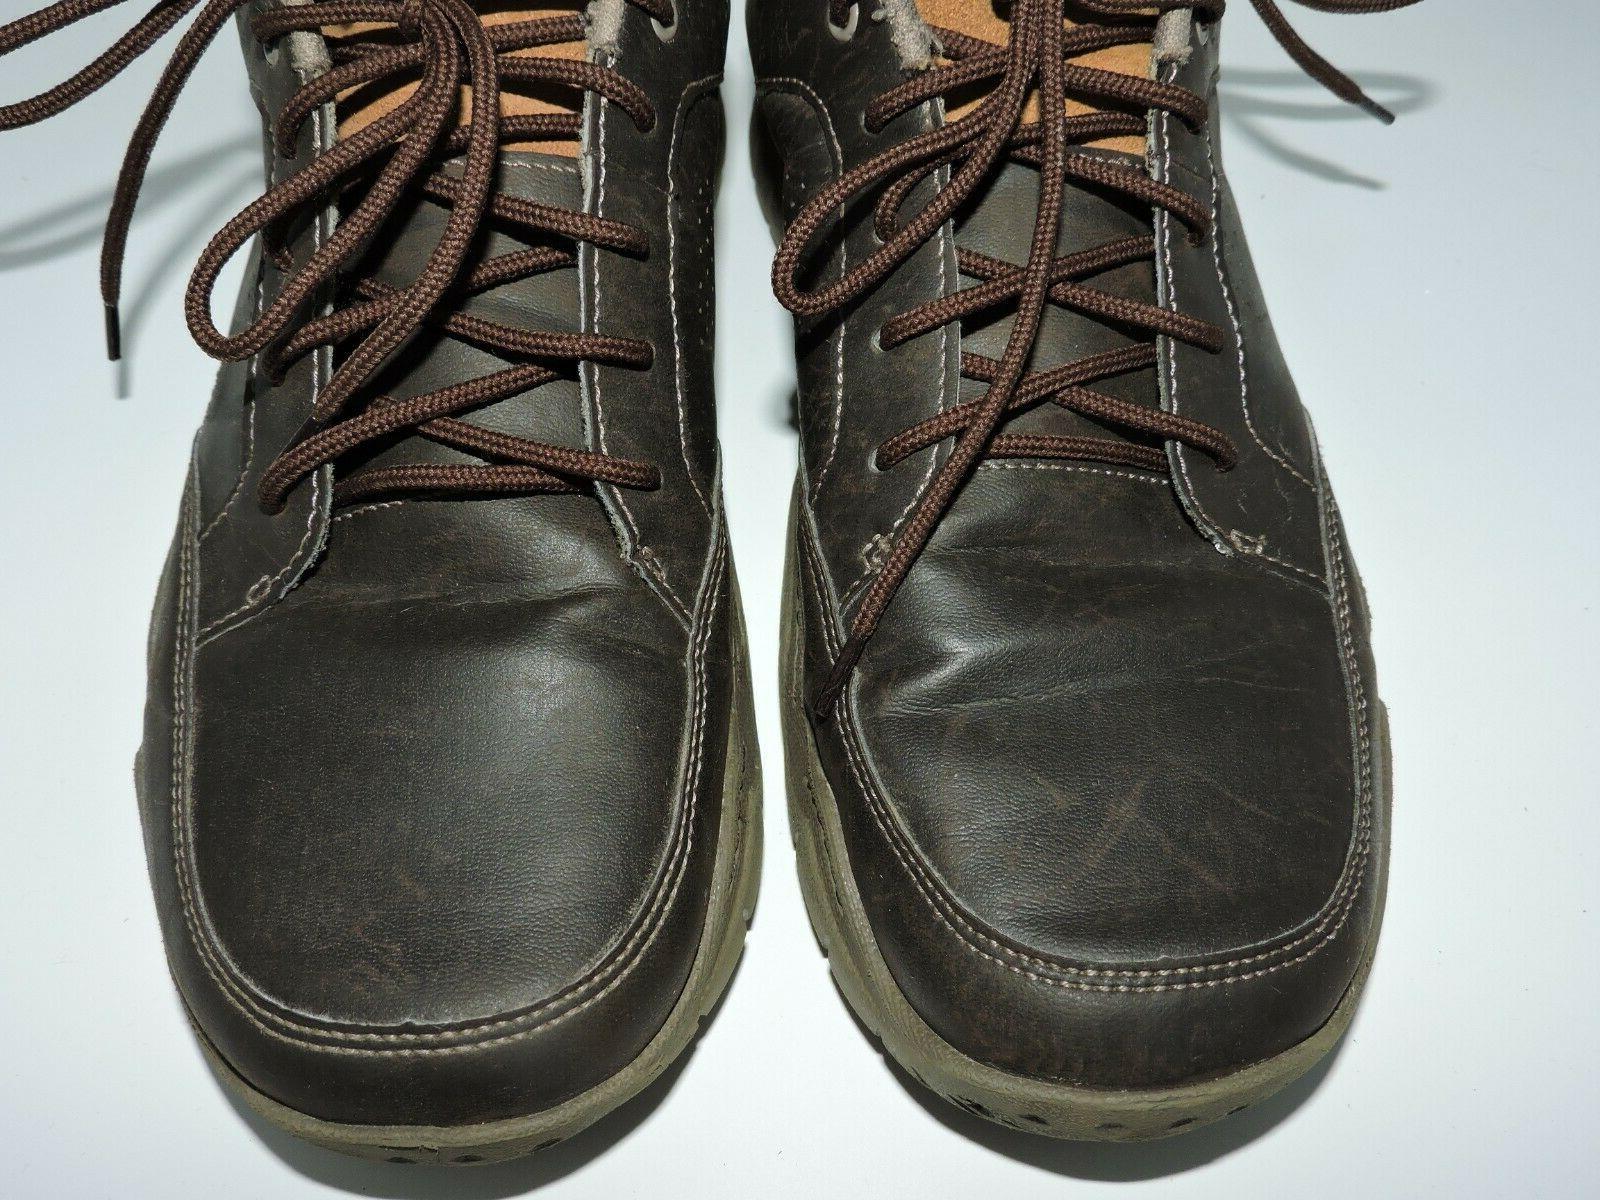 Crocs Lace Up Shoes Brown 13